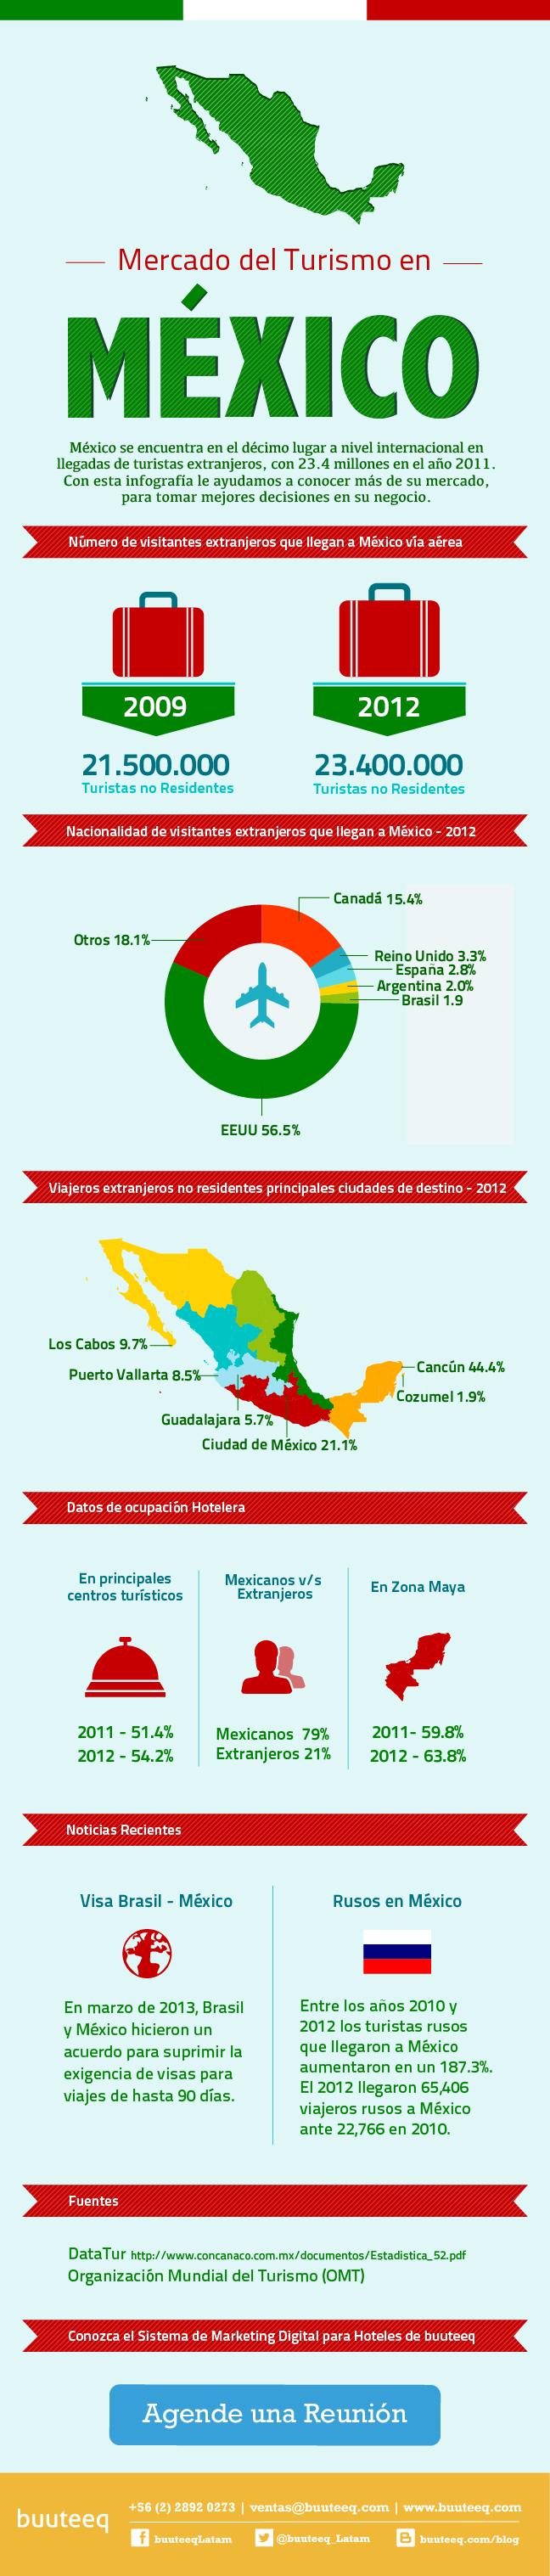 Mercado del turismo en México